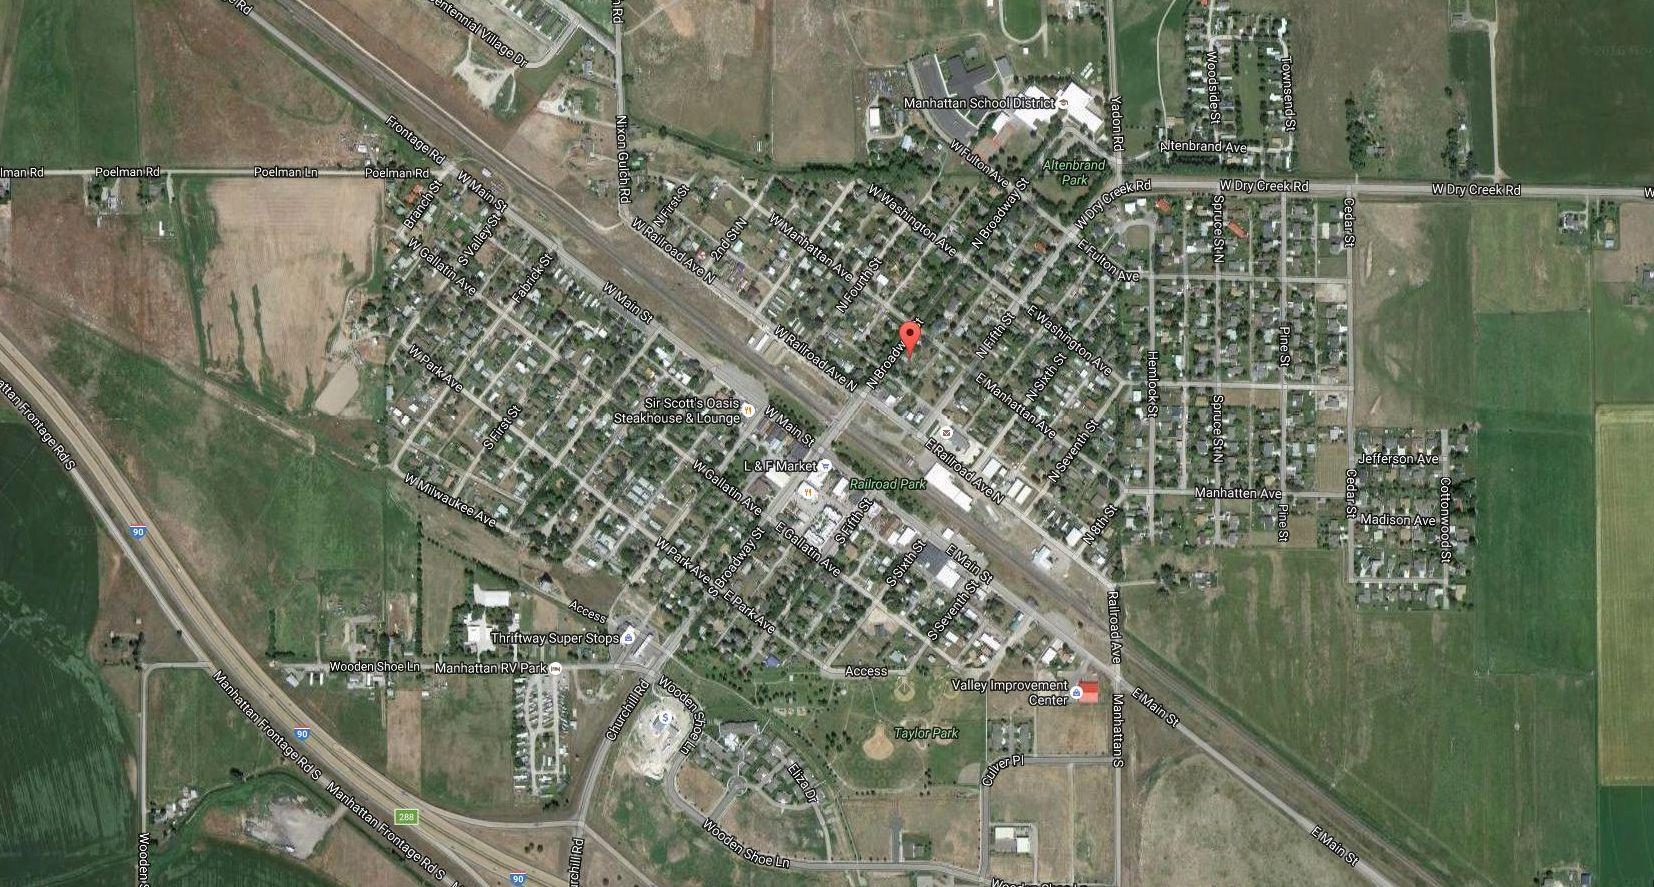 Manhattan Montana aerial map